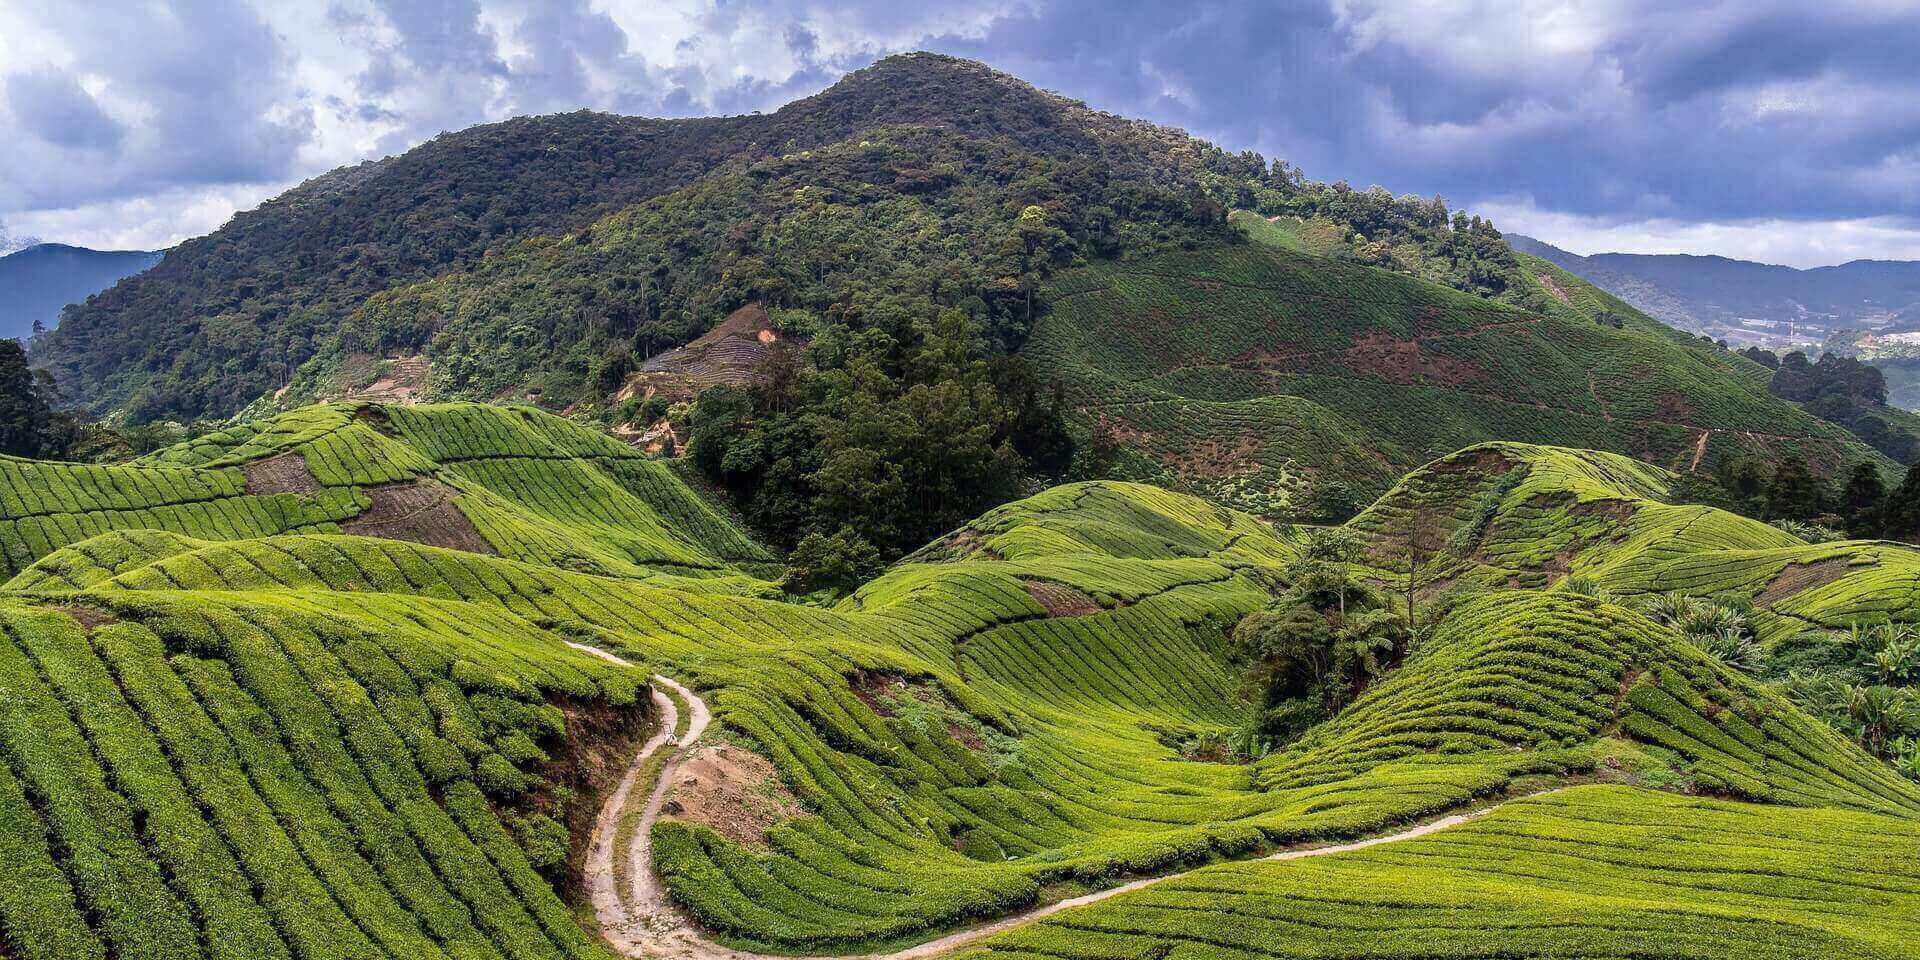 Cameron-Highlands-reisroute-maleisie